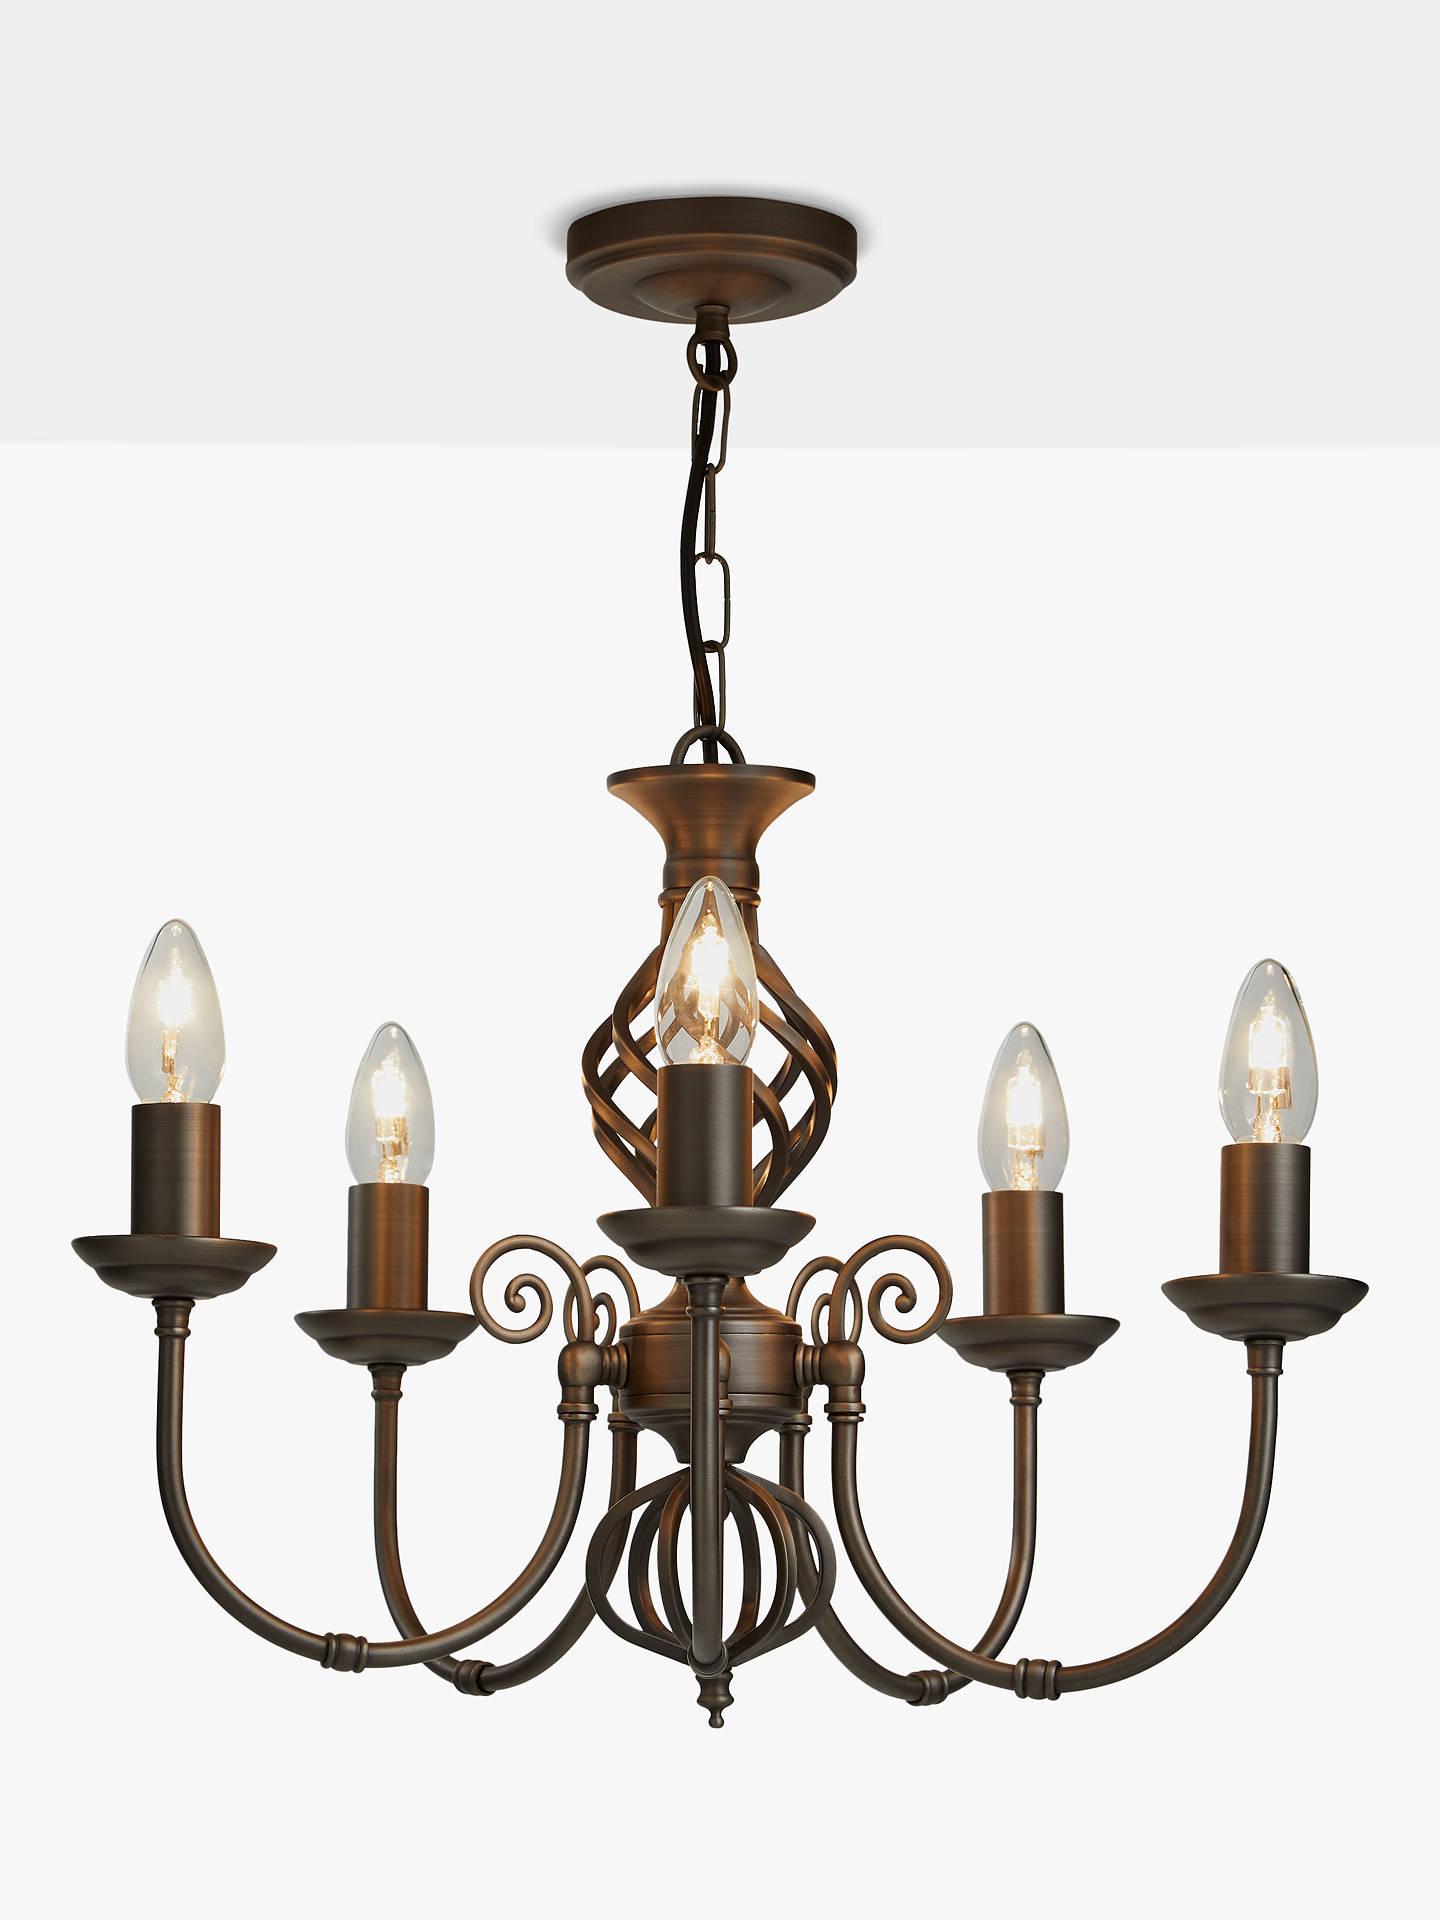 Buy john lewis partners malik chandelier ceiling light nickel online at johnlewis